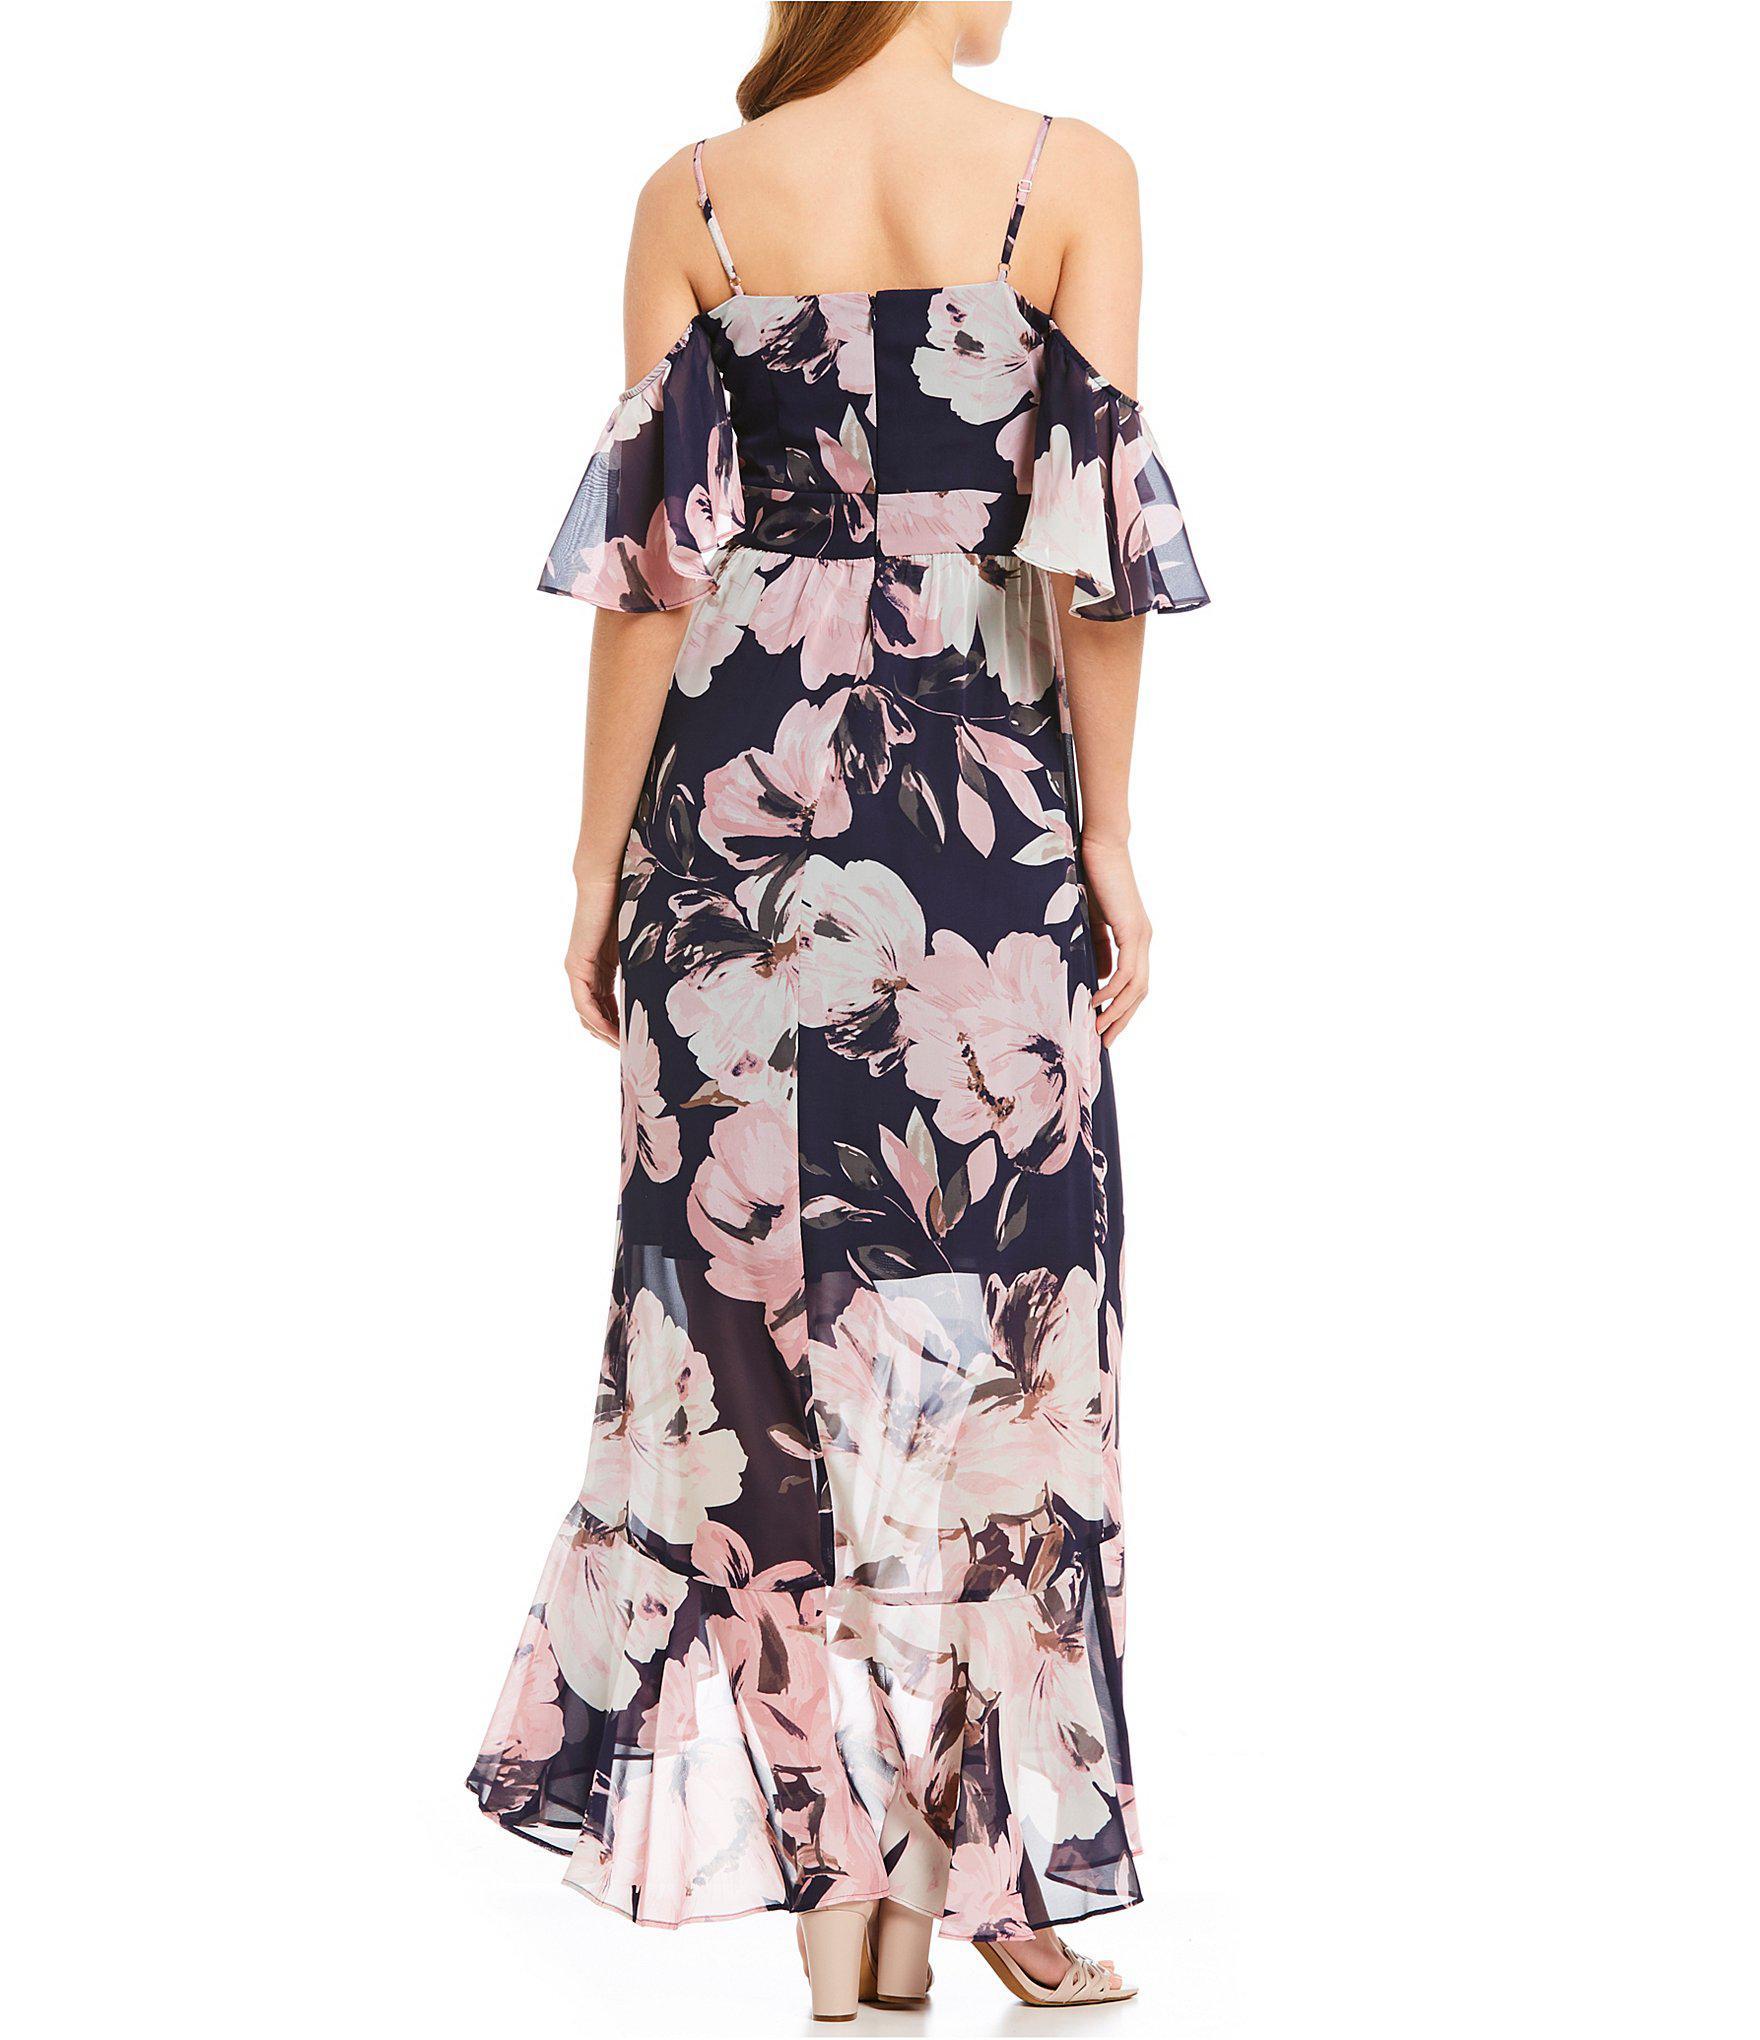 826dfa8f548d8a Lyst - Vince Camuto Chiffon Maxi Floral Print Cold Shoulder Hi-low ...